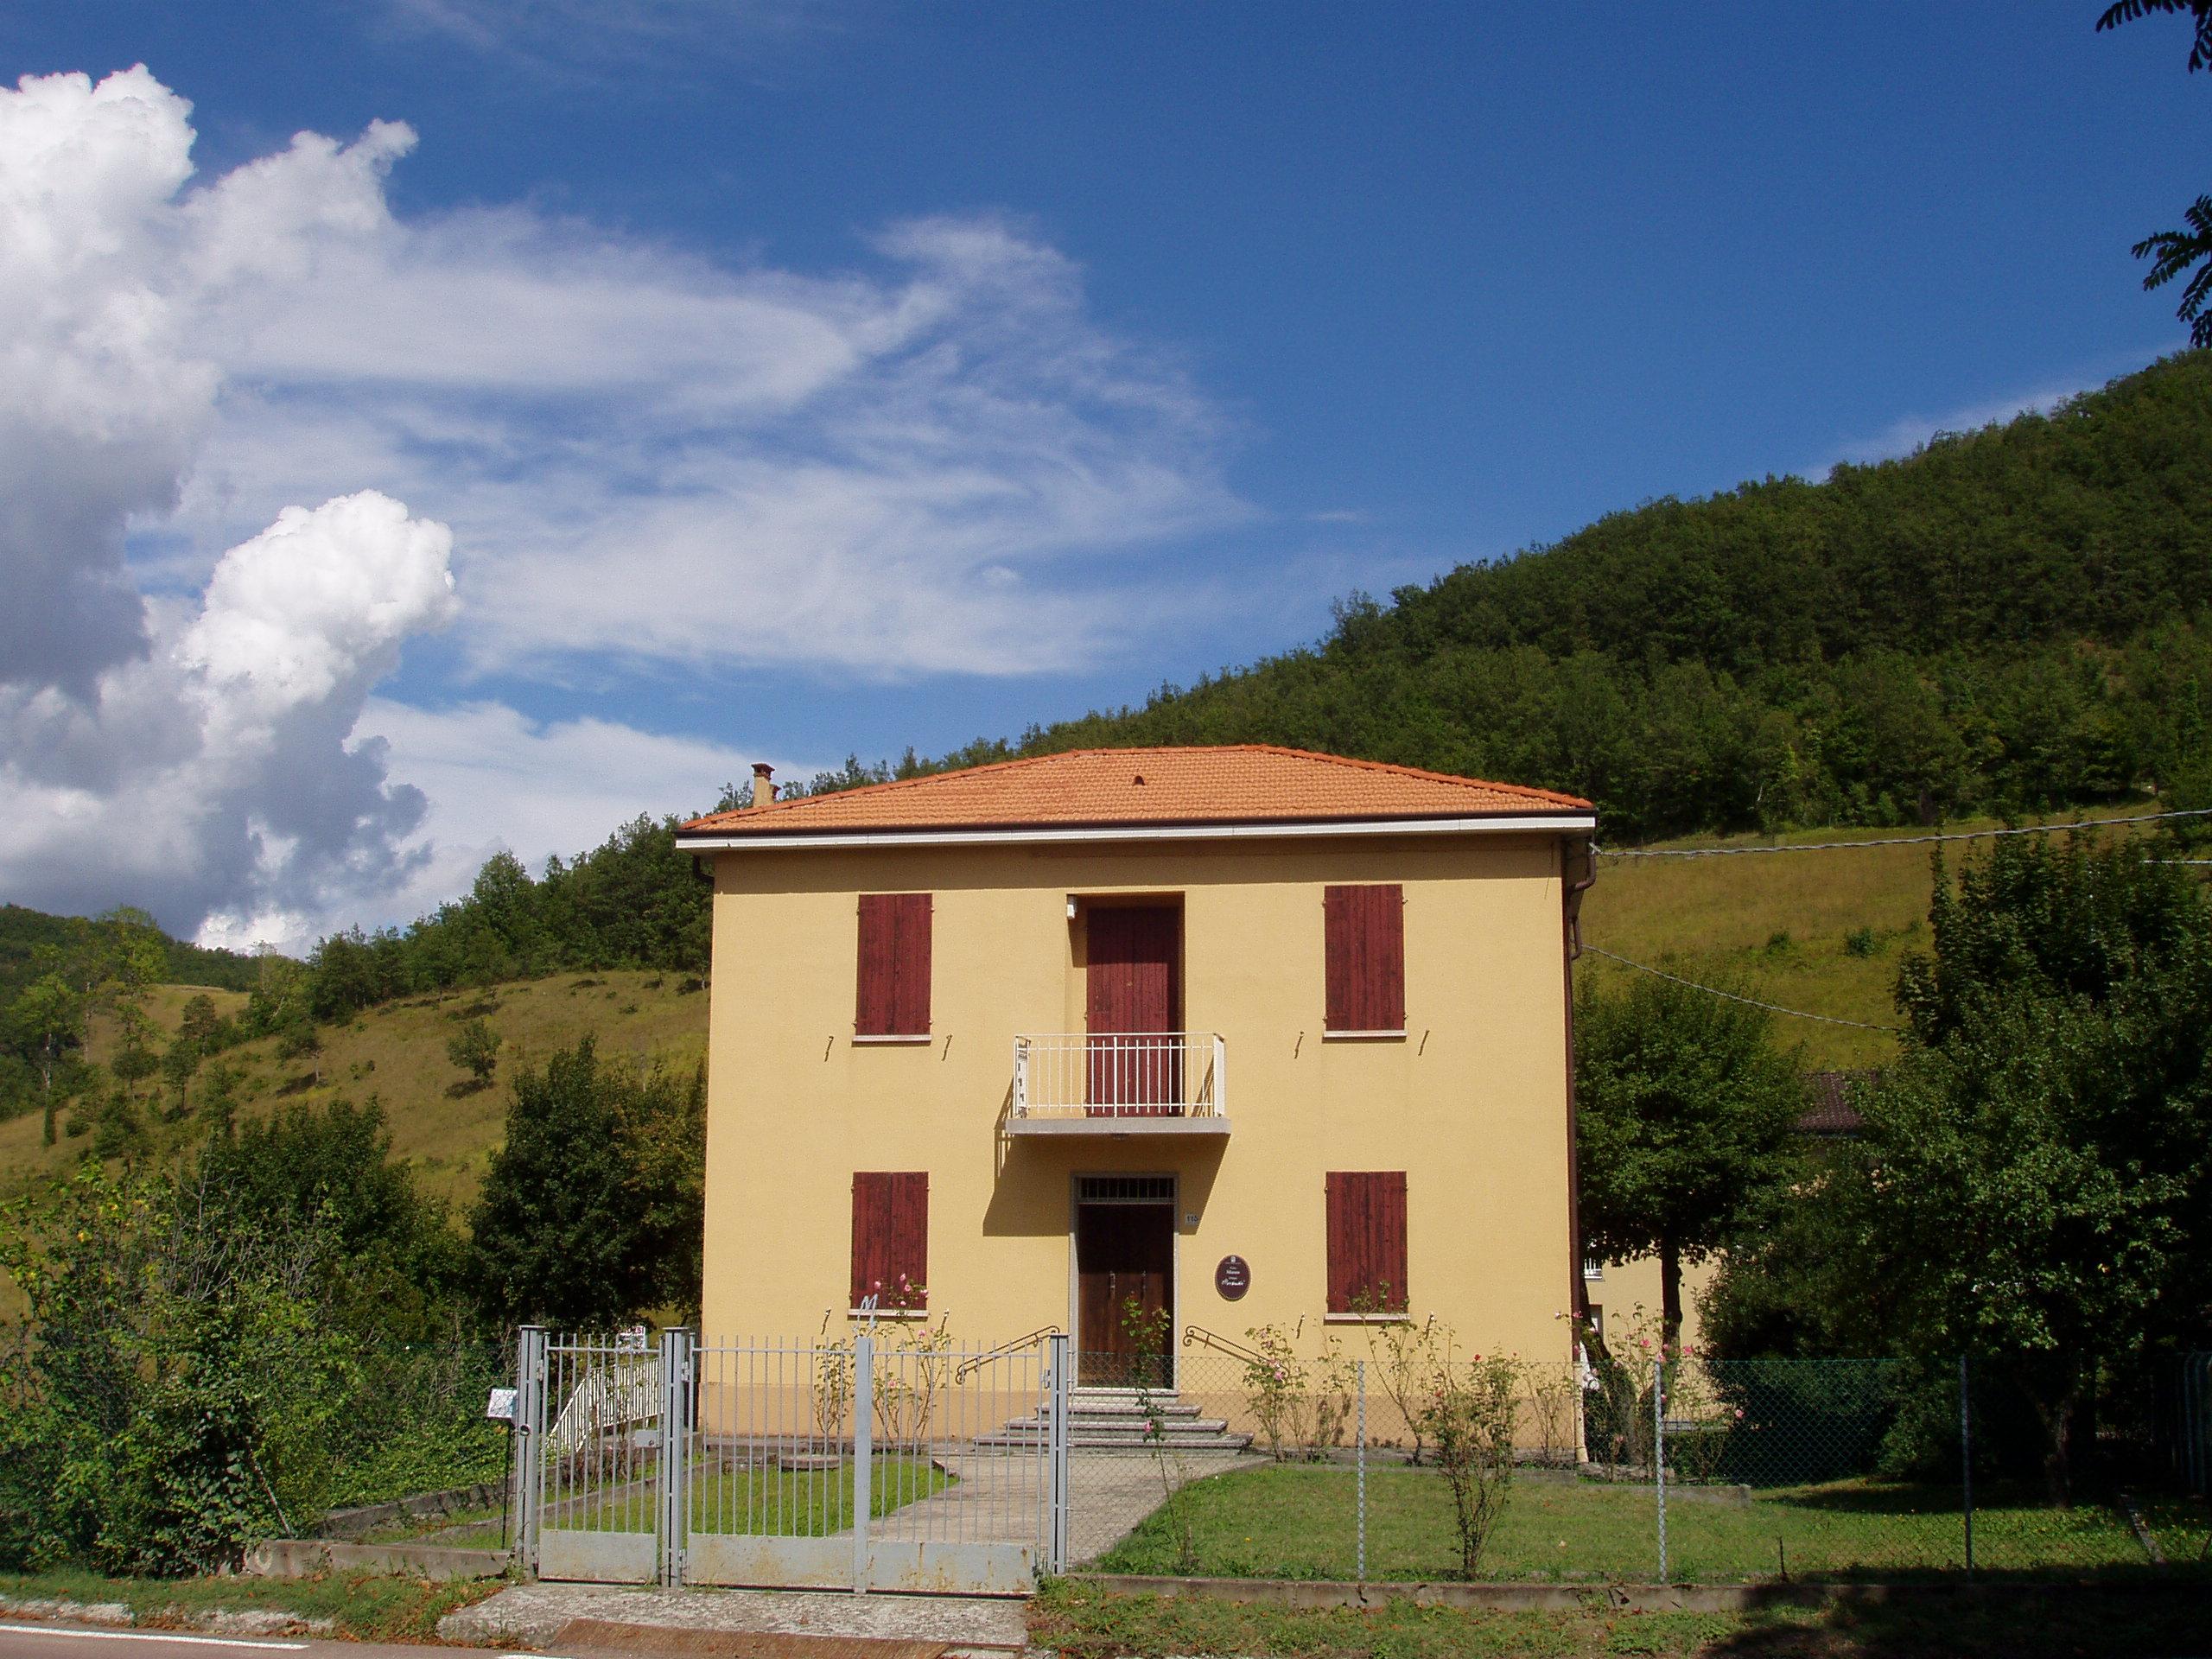 Casa Museo Paesaggio. Nuove proposte in Emilia.